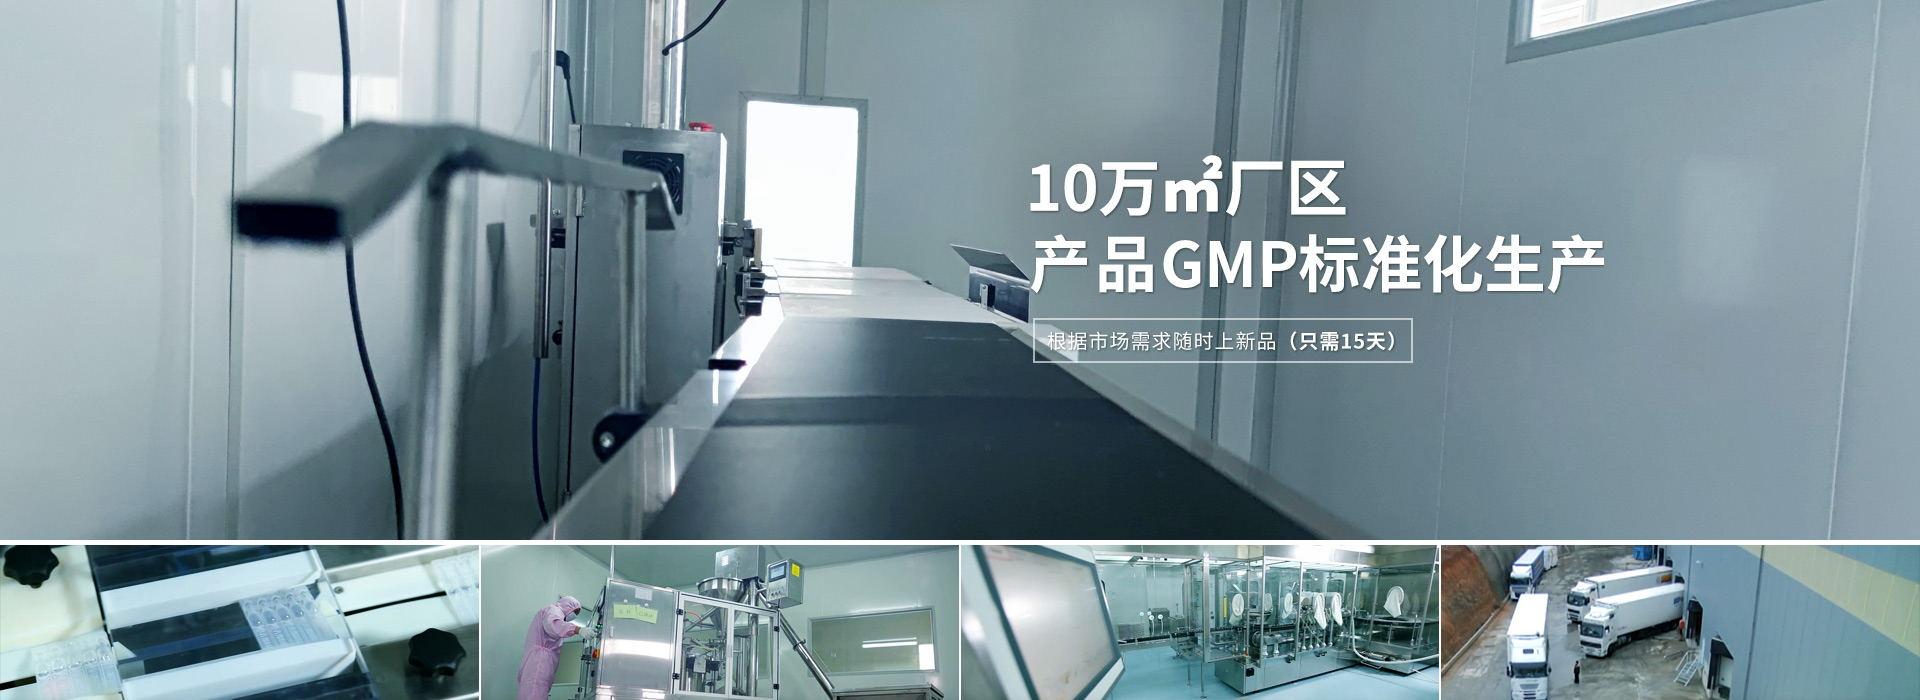 邦森 10万㎡厂区 产品GMP标准化生产